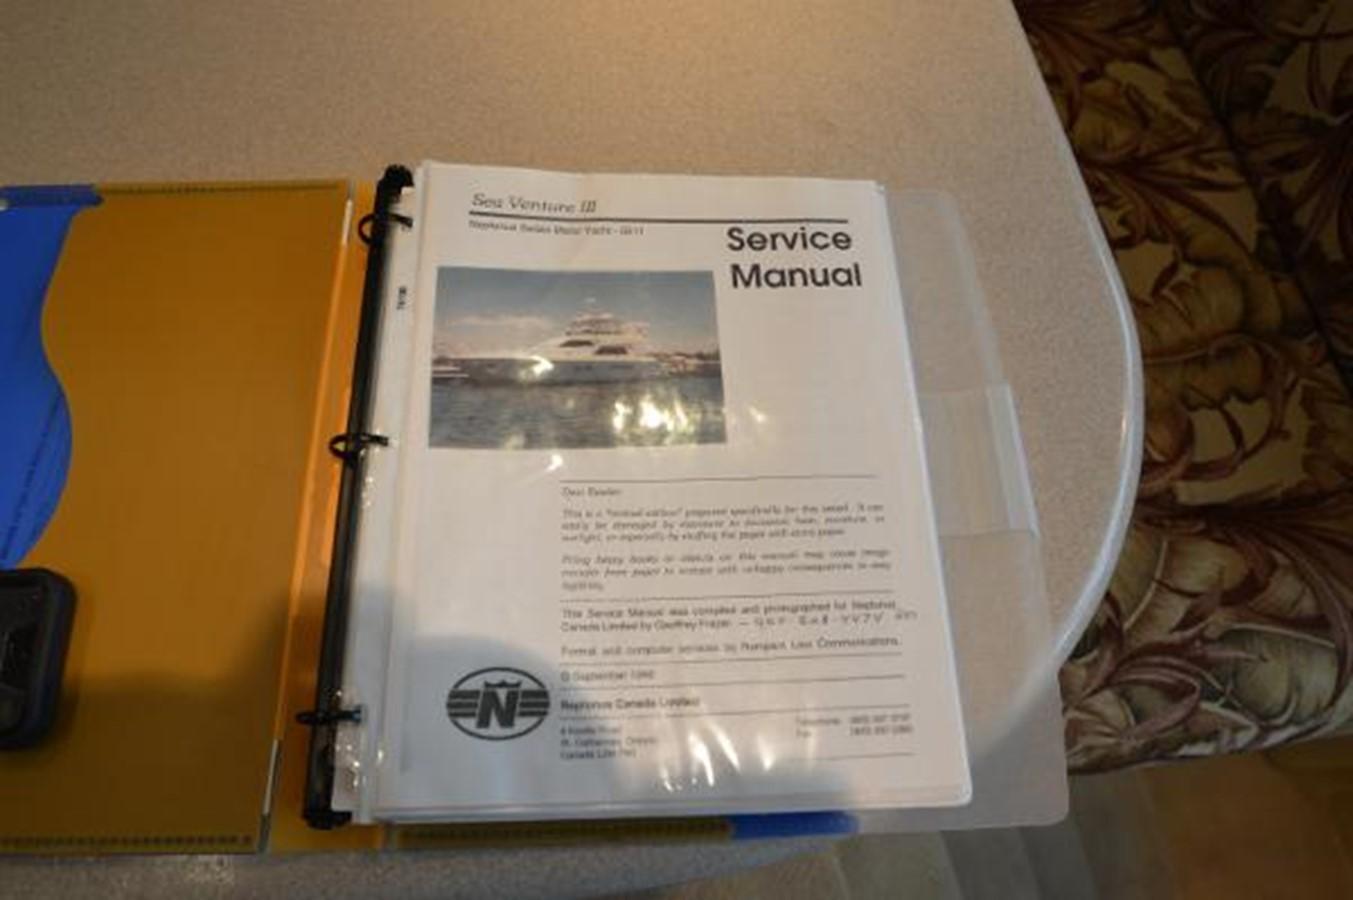 55' Neptunus - Original Service Manual - 55 NEPTUNUS For Sale